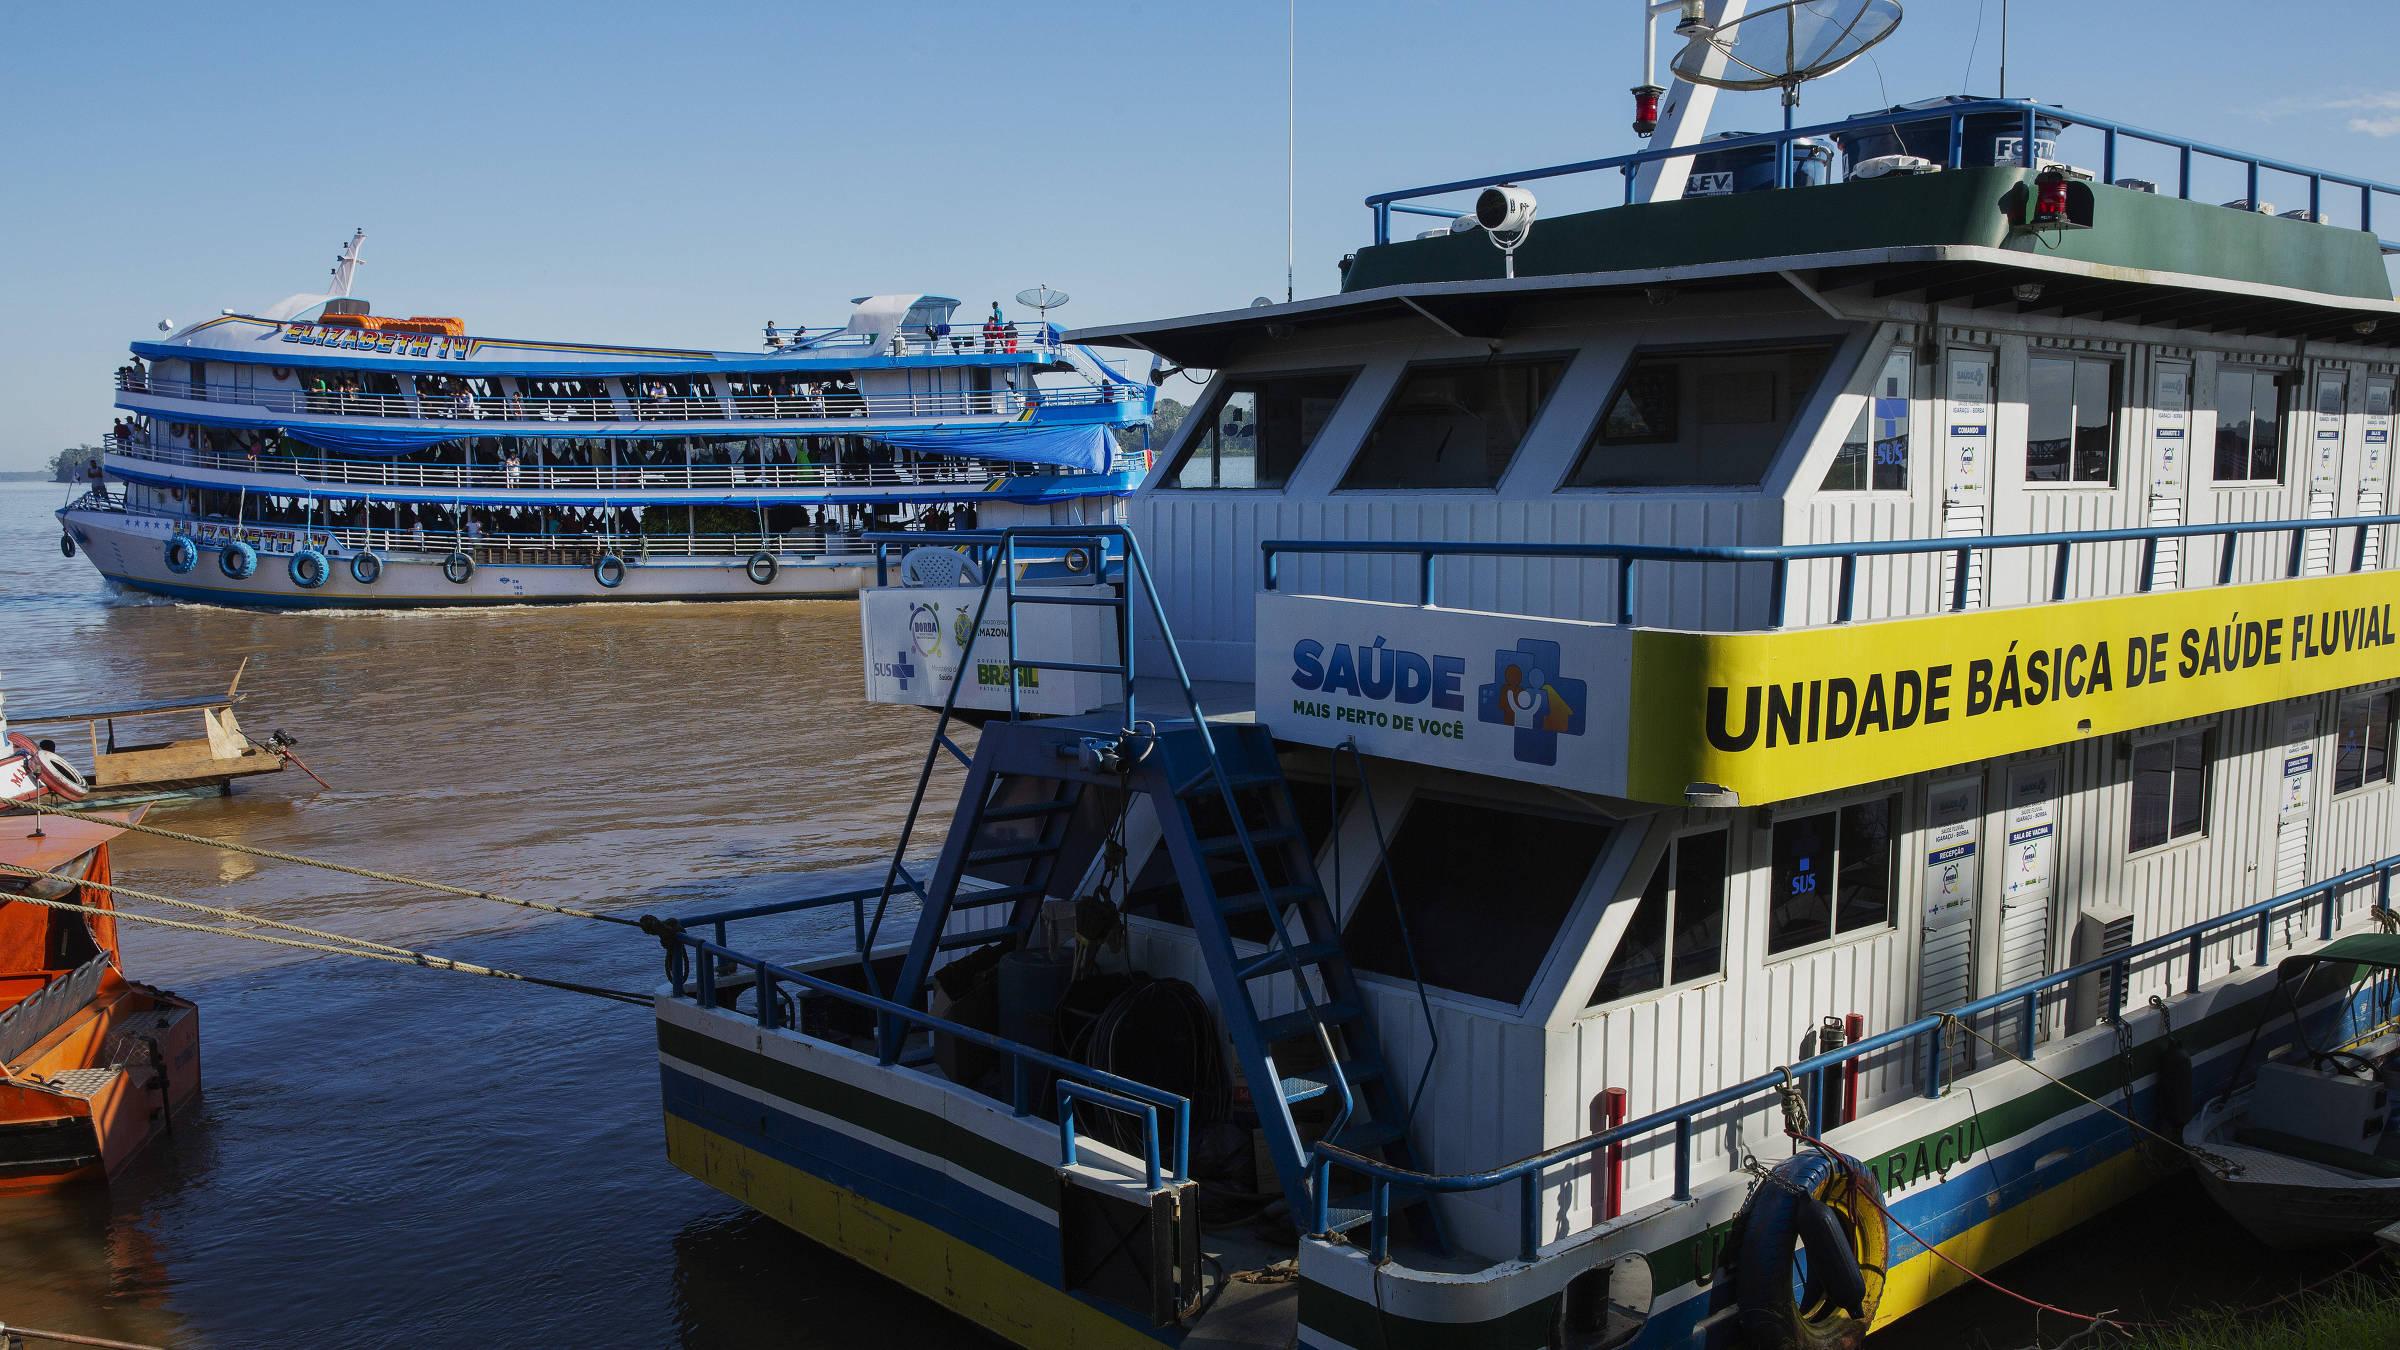 Unidade Básica de Saúde Fluvial atracada no porto em Borba (AM) Foto: Lalo de Almeida/ Folhapress